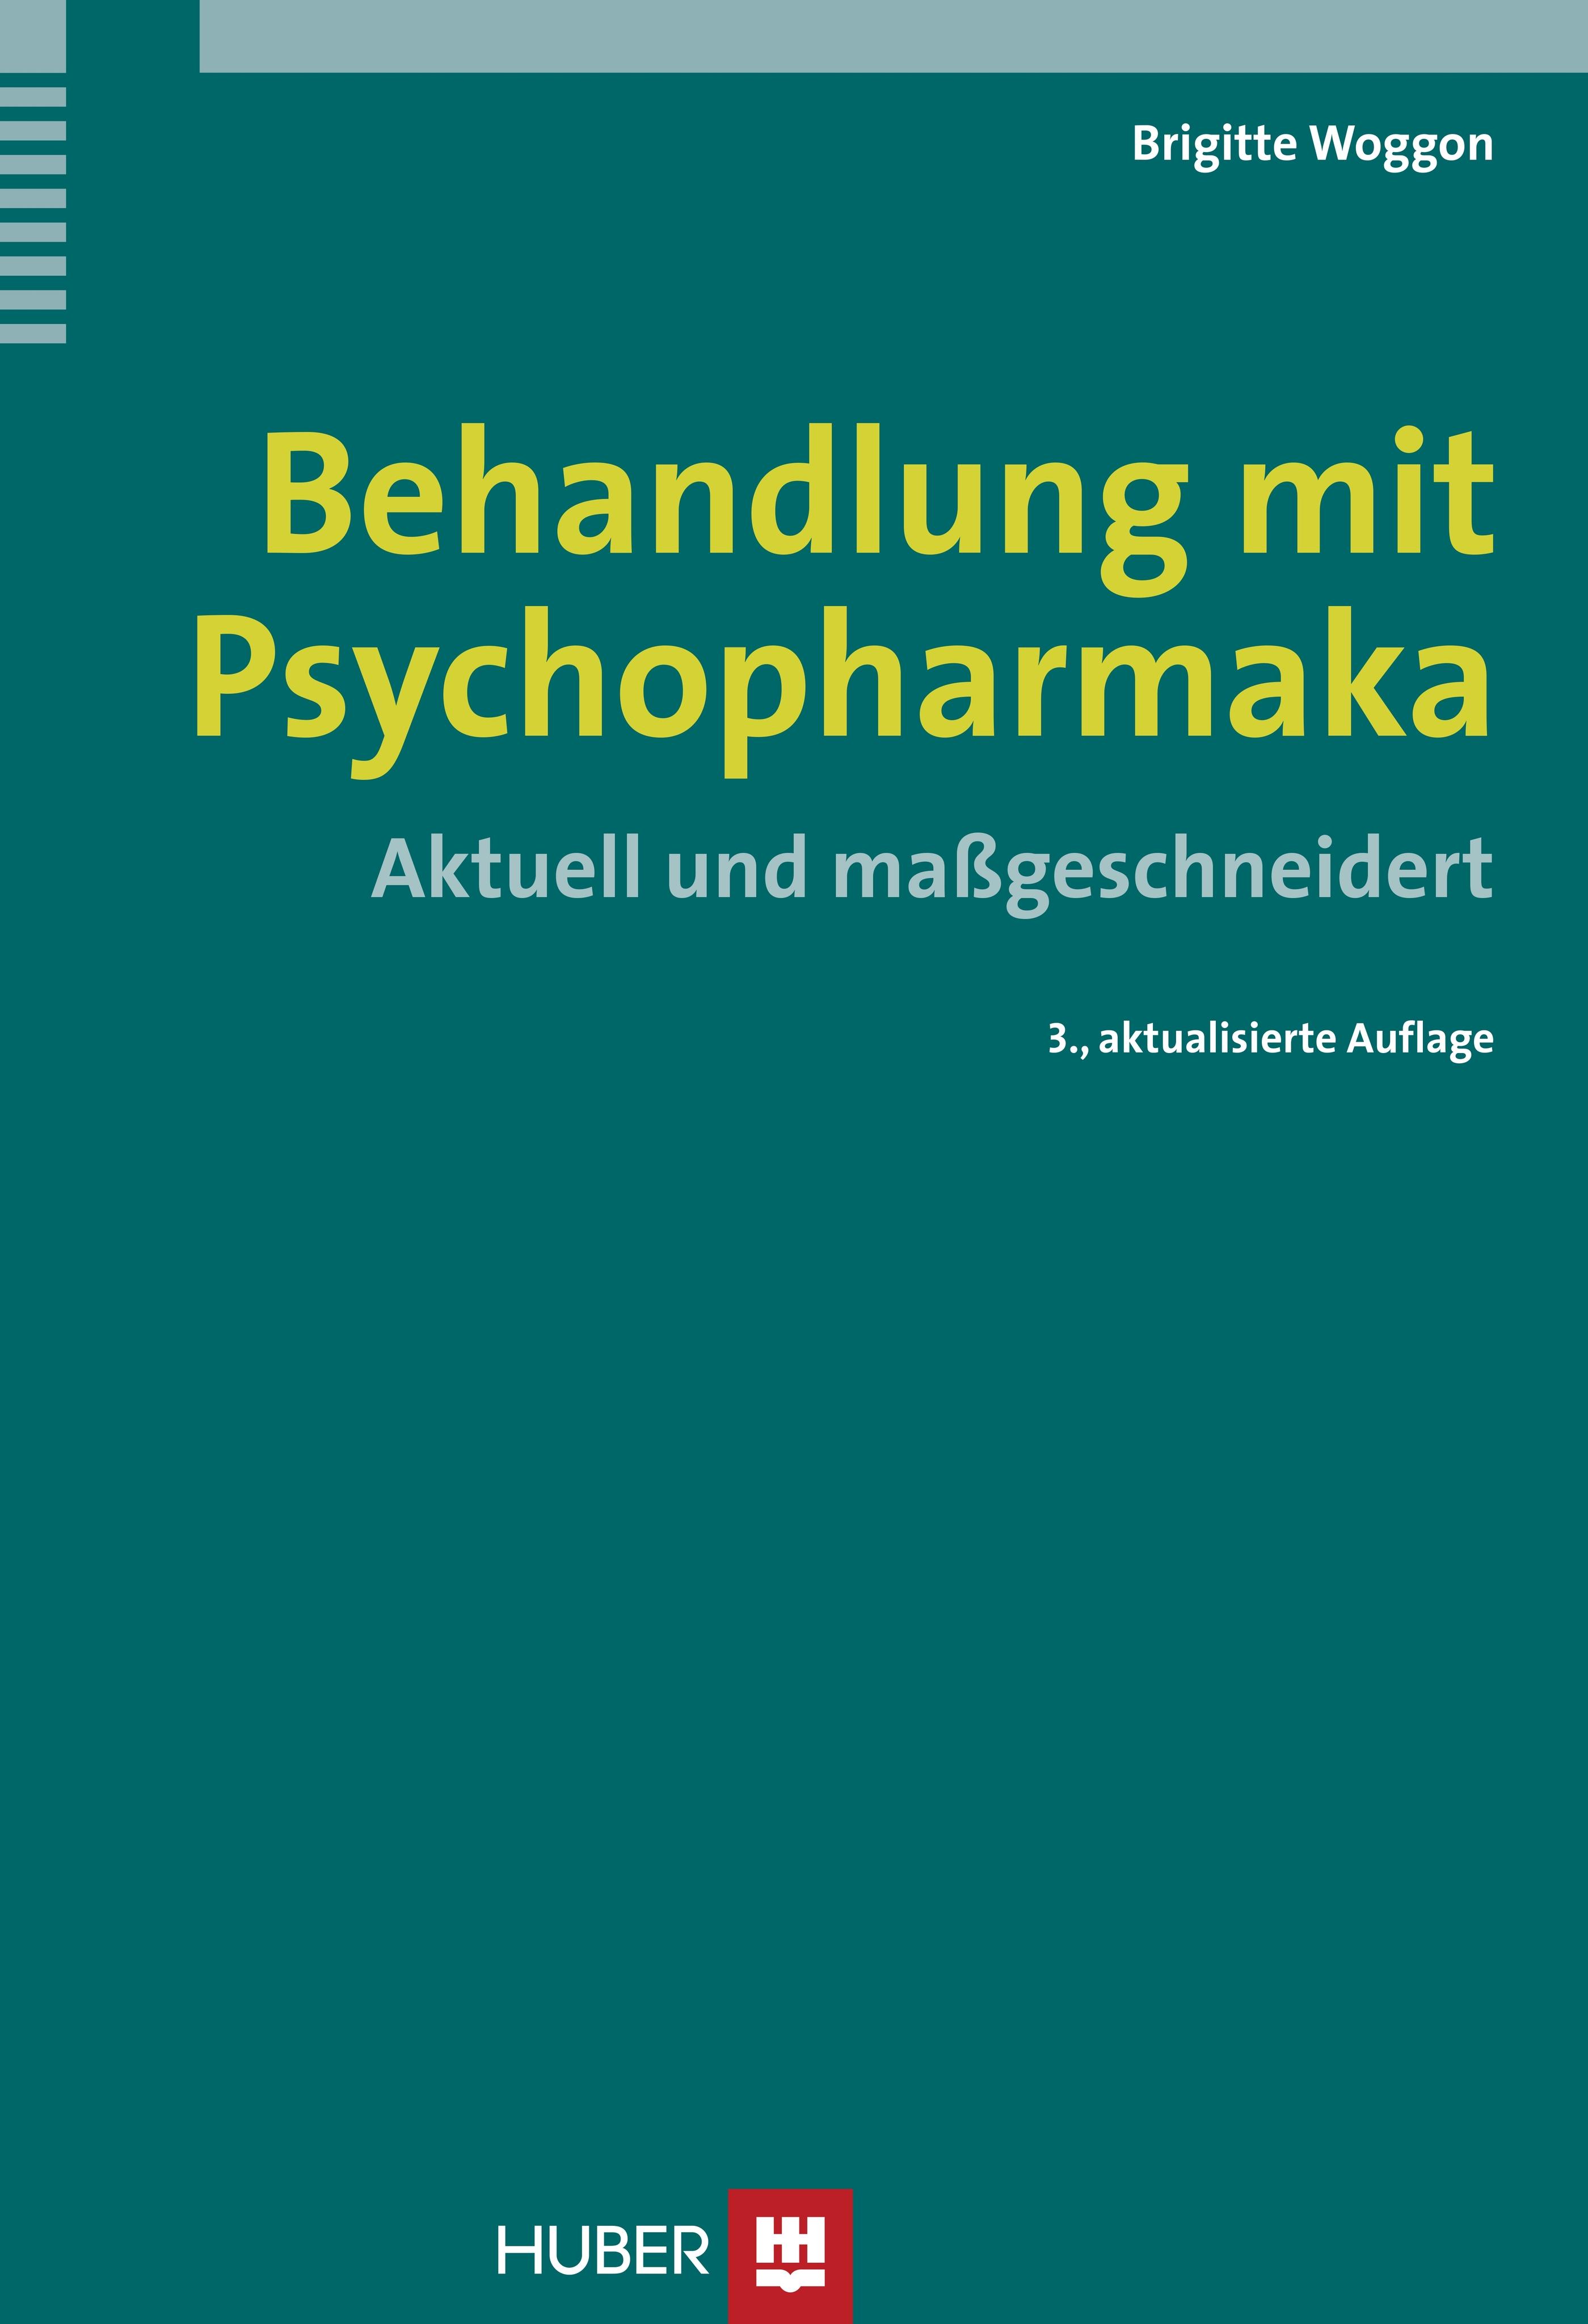 Behandlung mit Psychopharmaka - Brigitte Woggon -  9783456846941